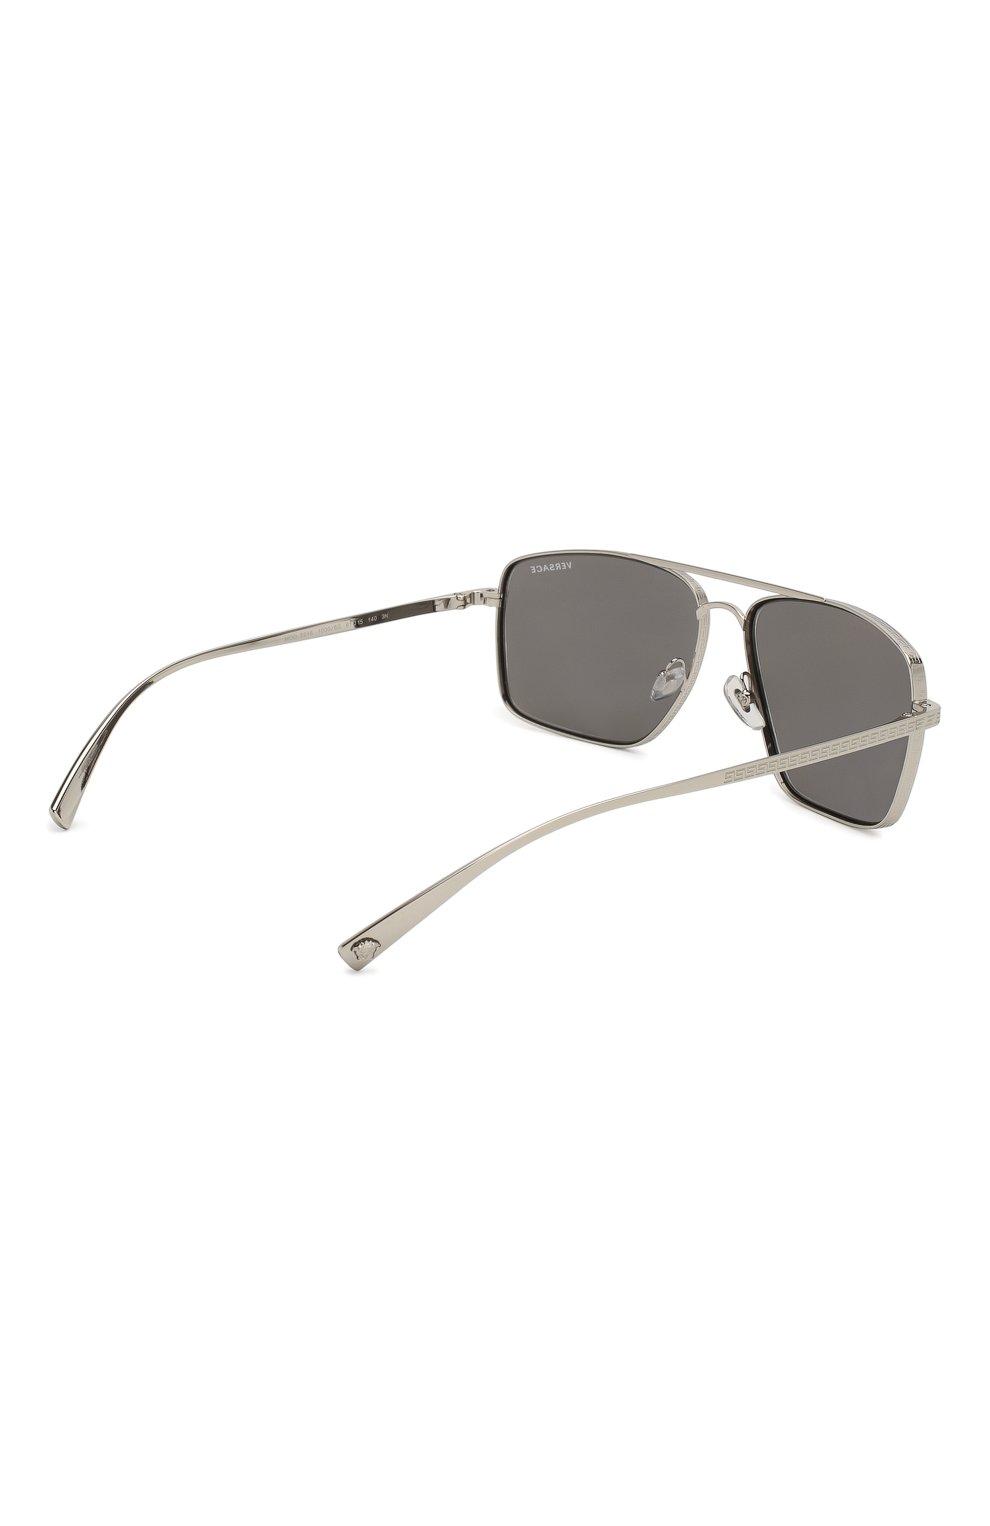 Женские солнцезащитные очки VERSACE серого цвета, арт. 2216-10006G | Фото 5